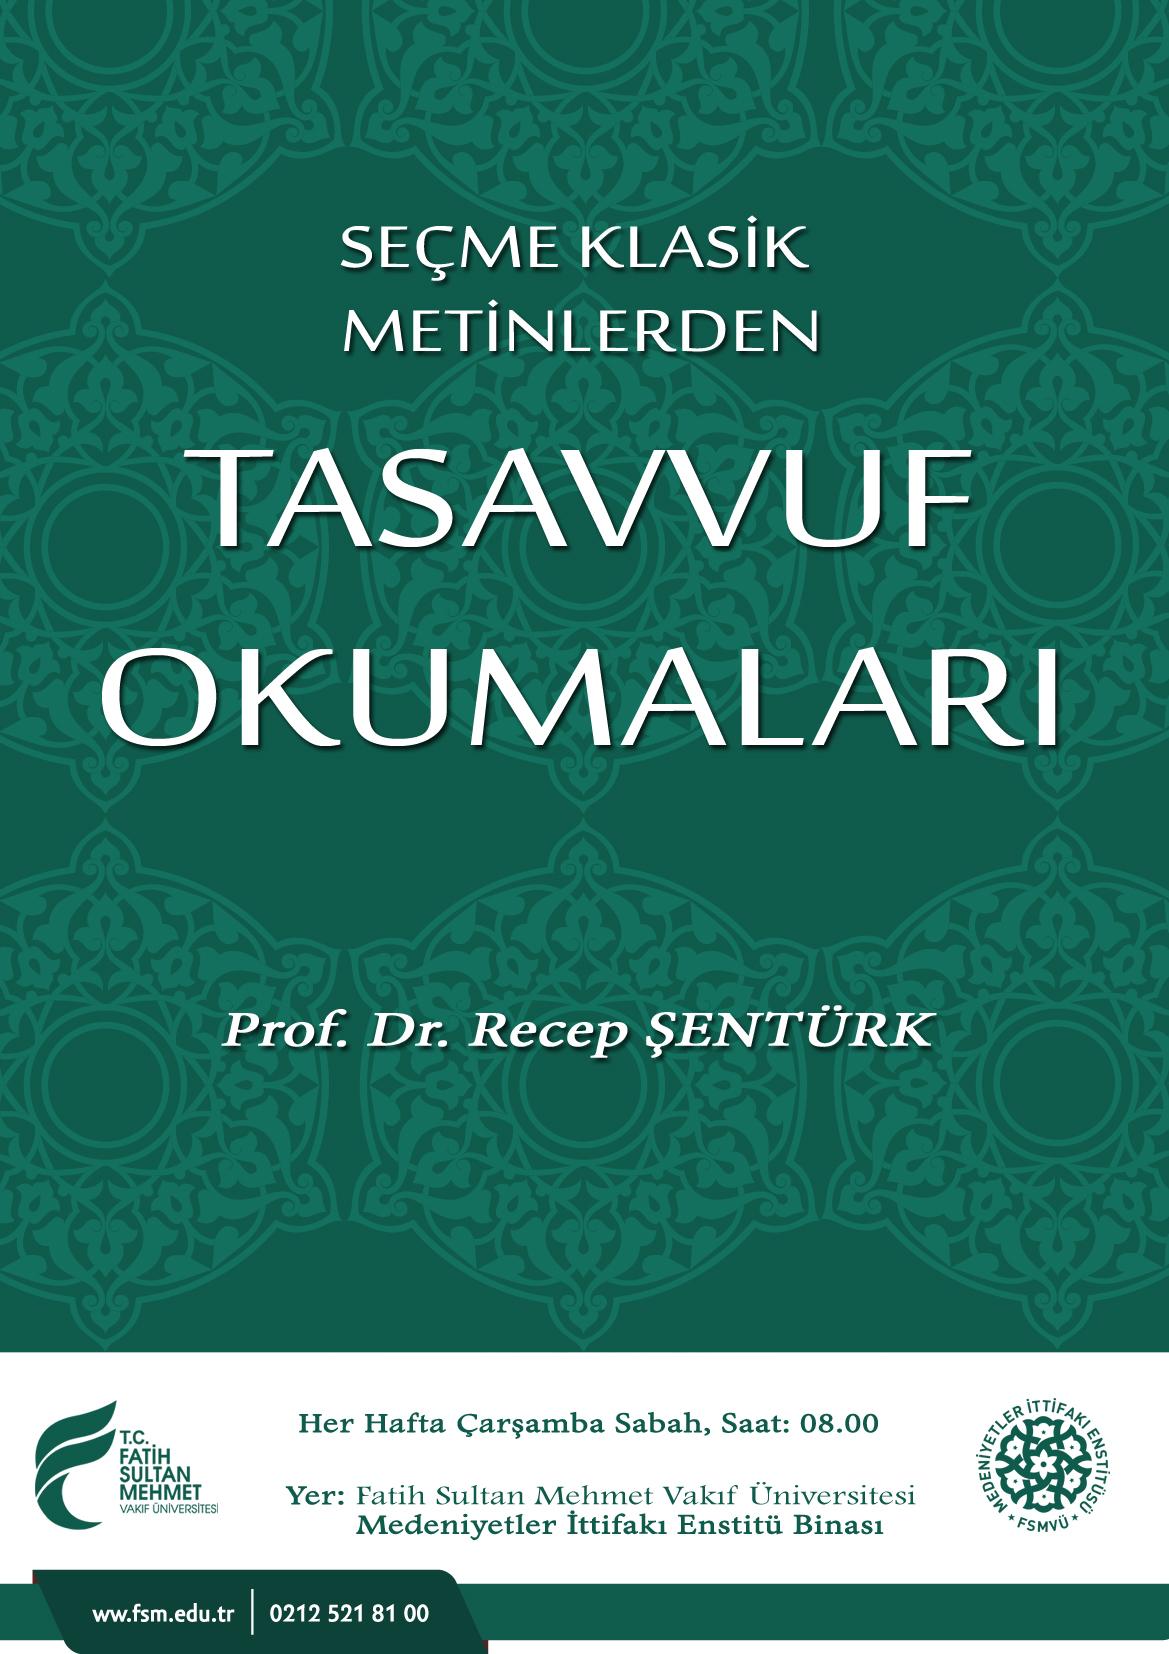 http://medit.fsm.edu.tr/resimler/upload/Tasavvuf-Okumalari-Baslamistir-2210214.jpg